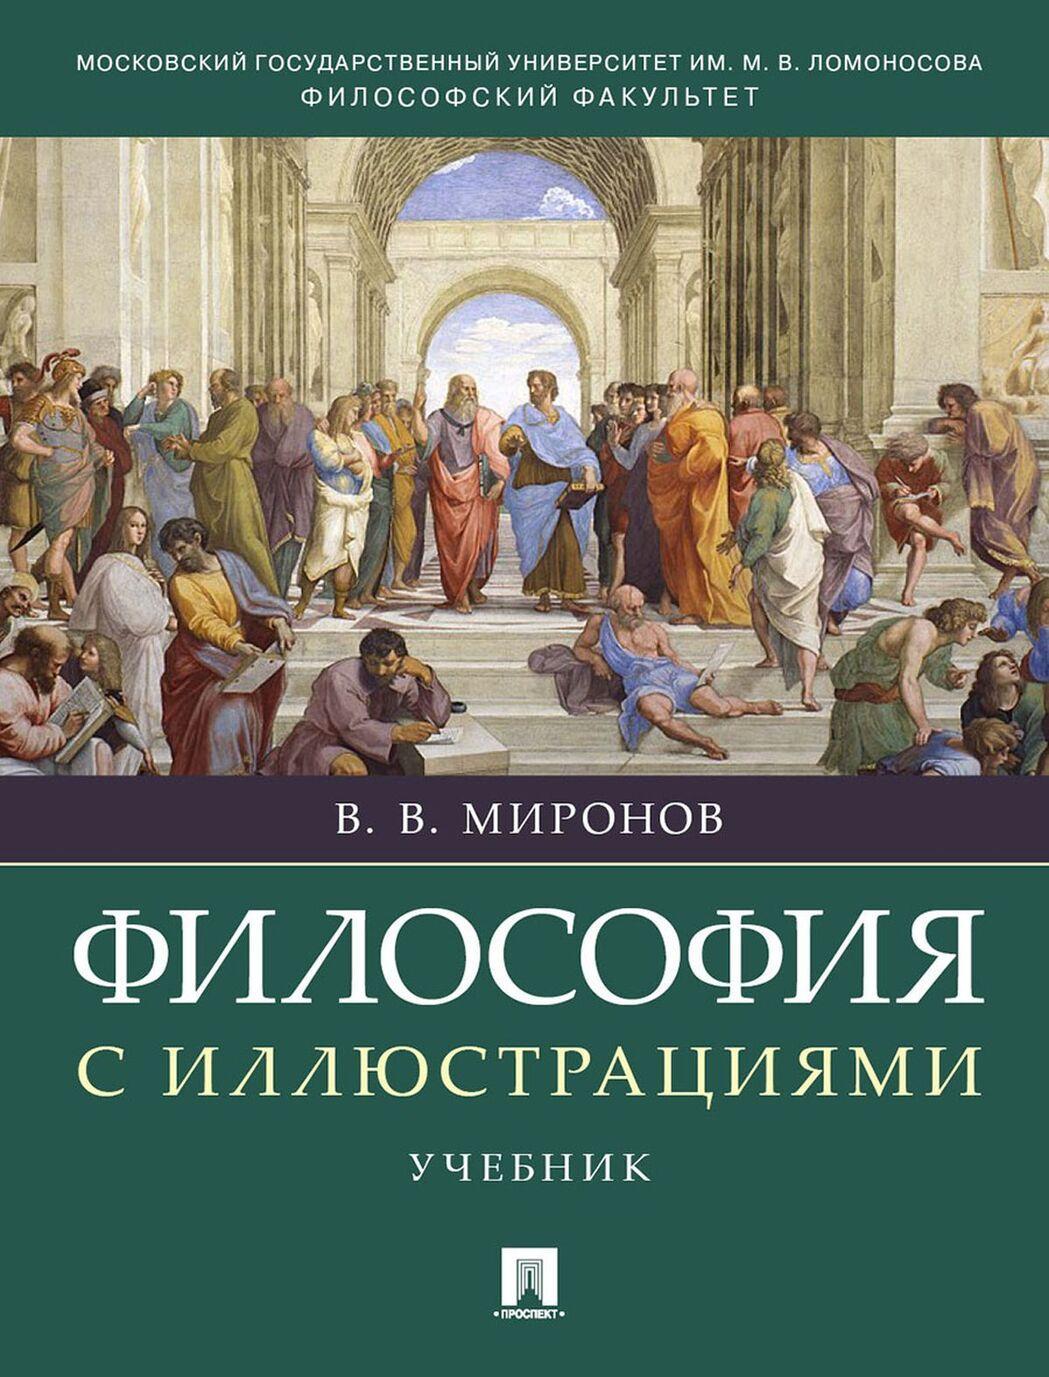 Filosofija s illjustratsijami. Uchebnik | Mironov Vladimir Vasilevich